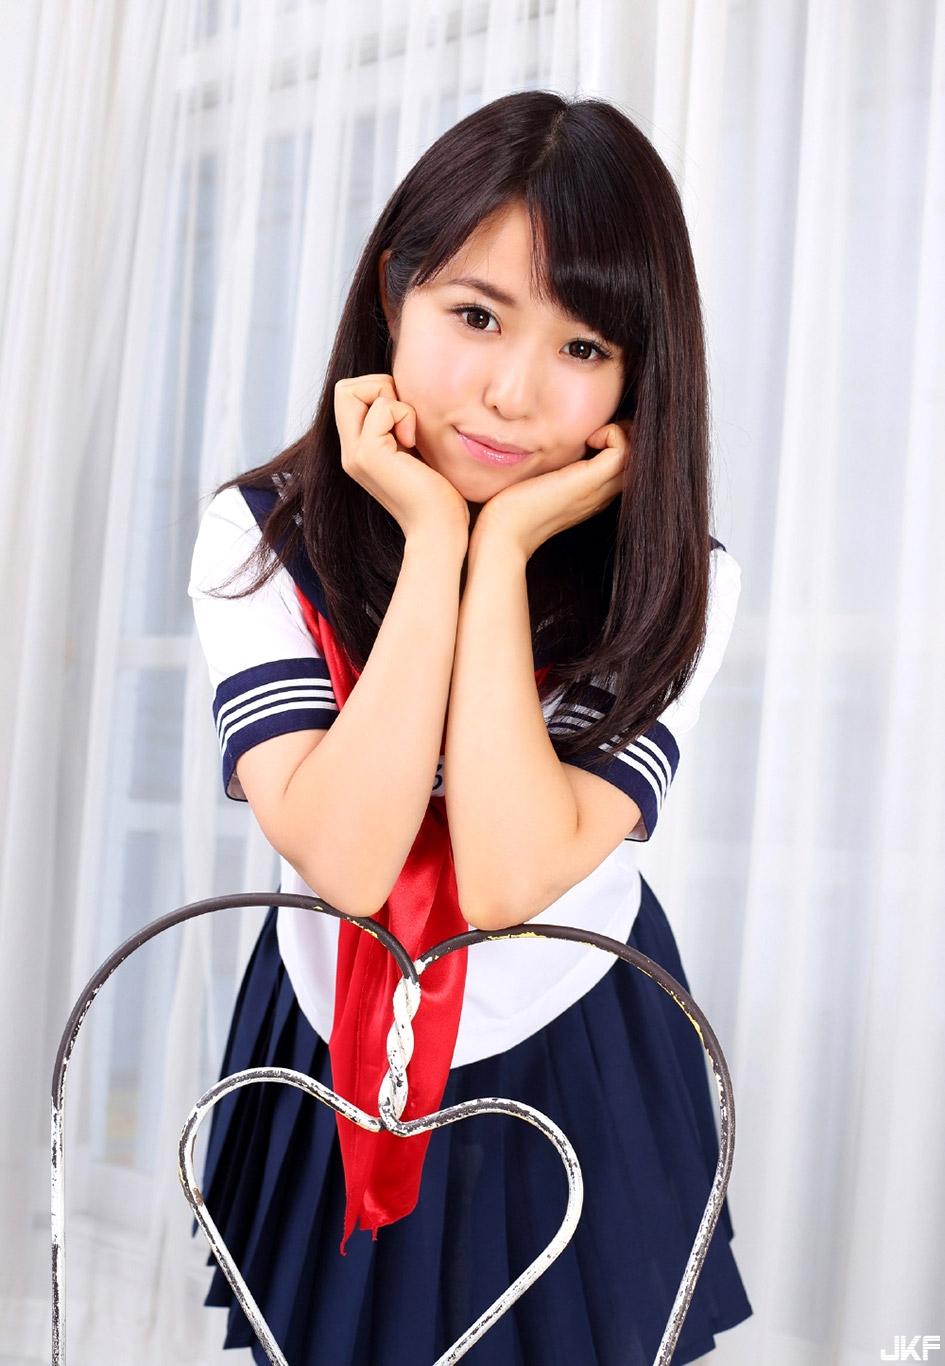 momoi_haruka_160818_002.jpg